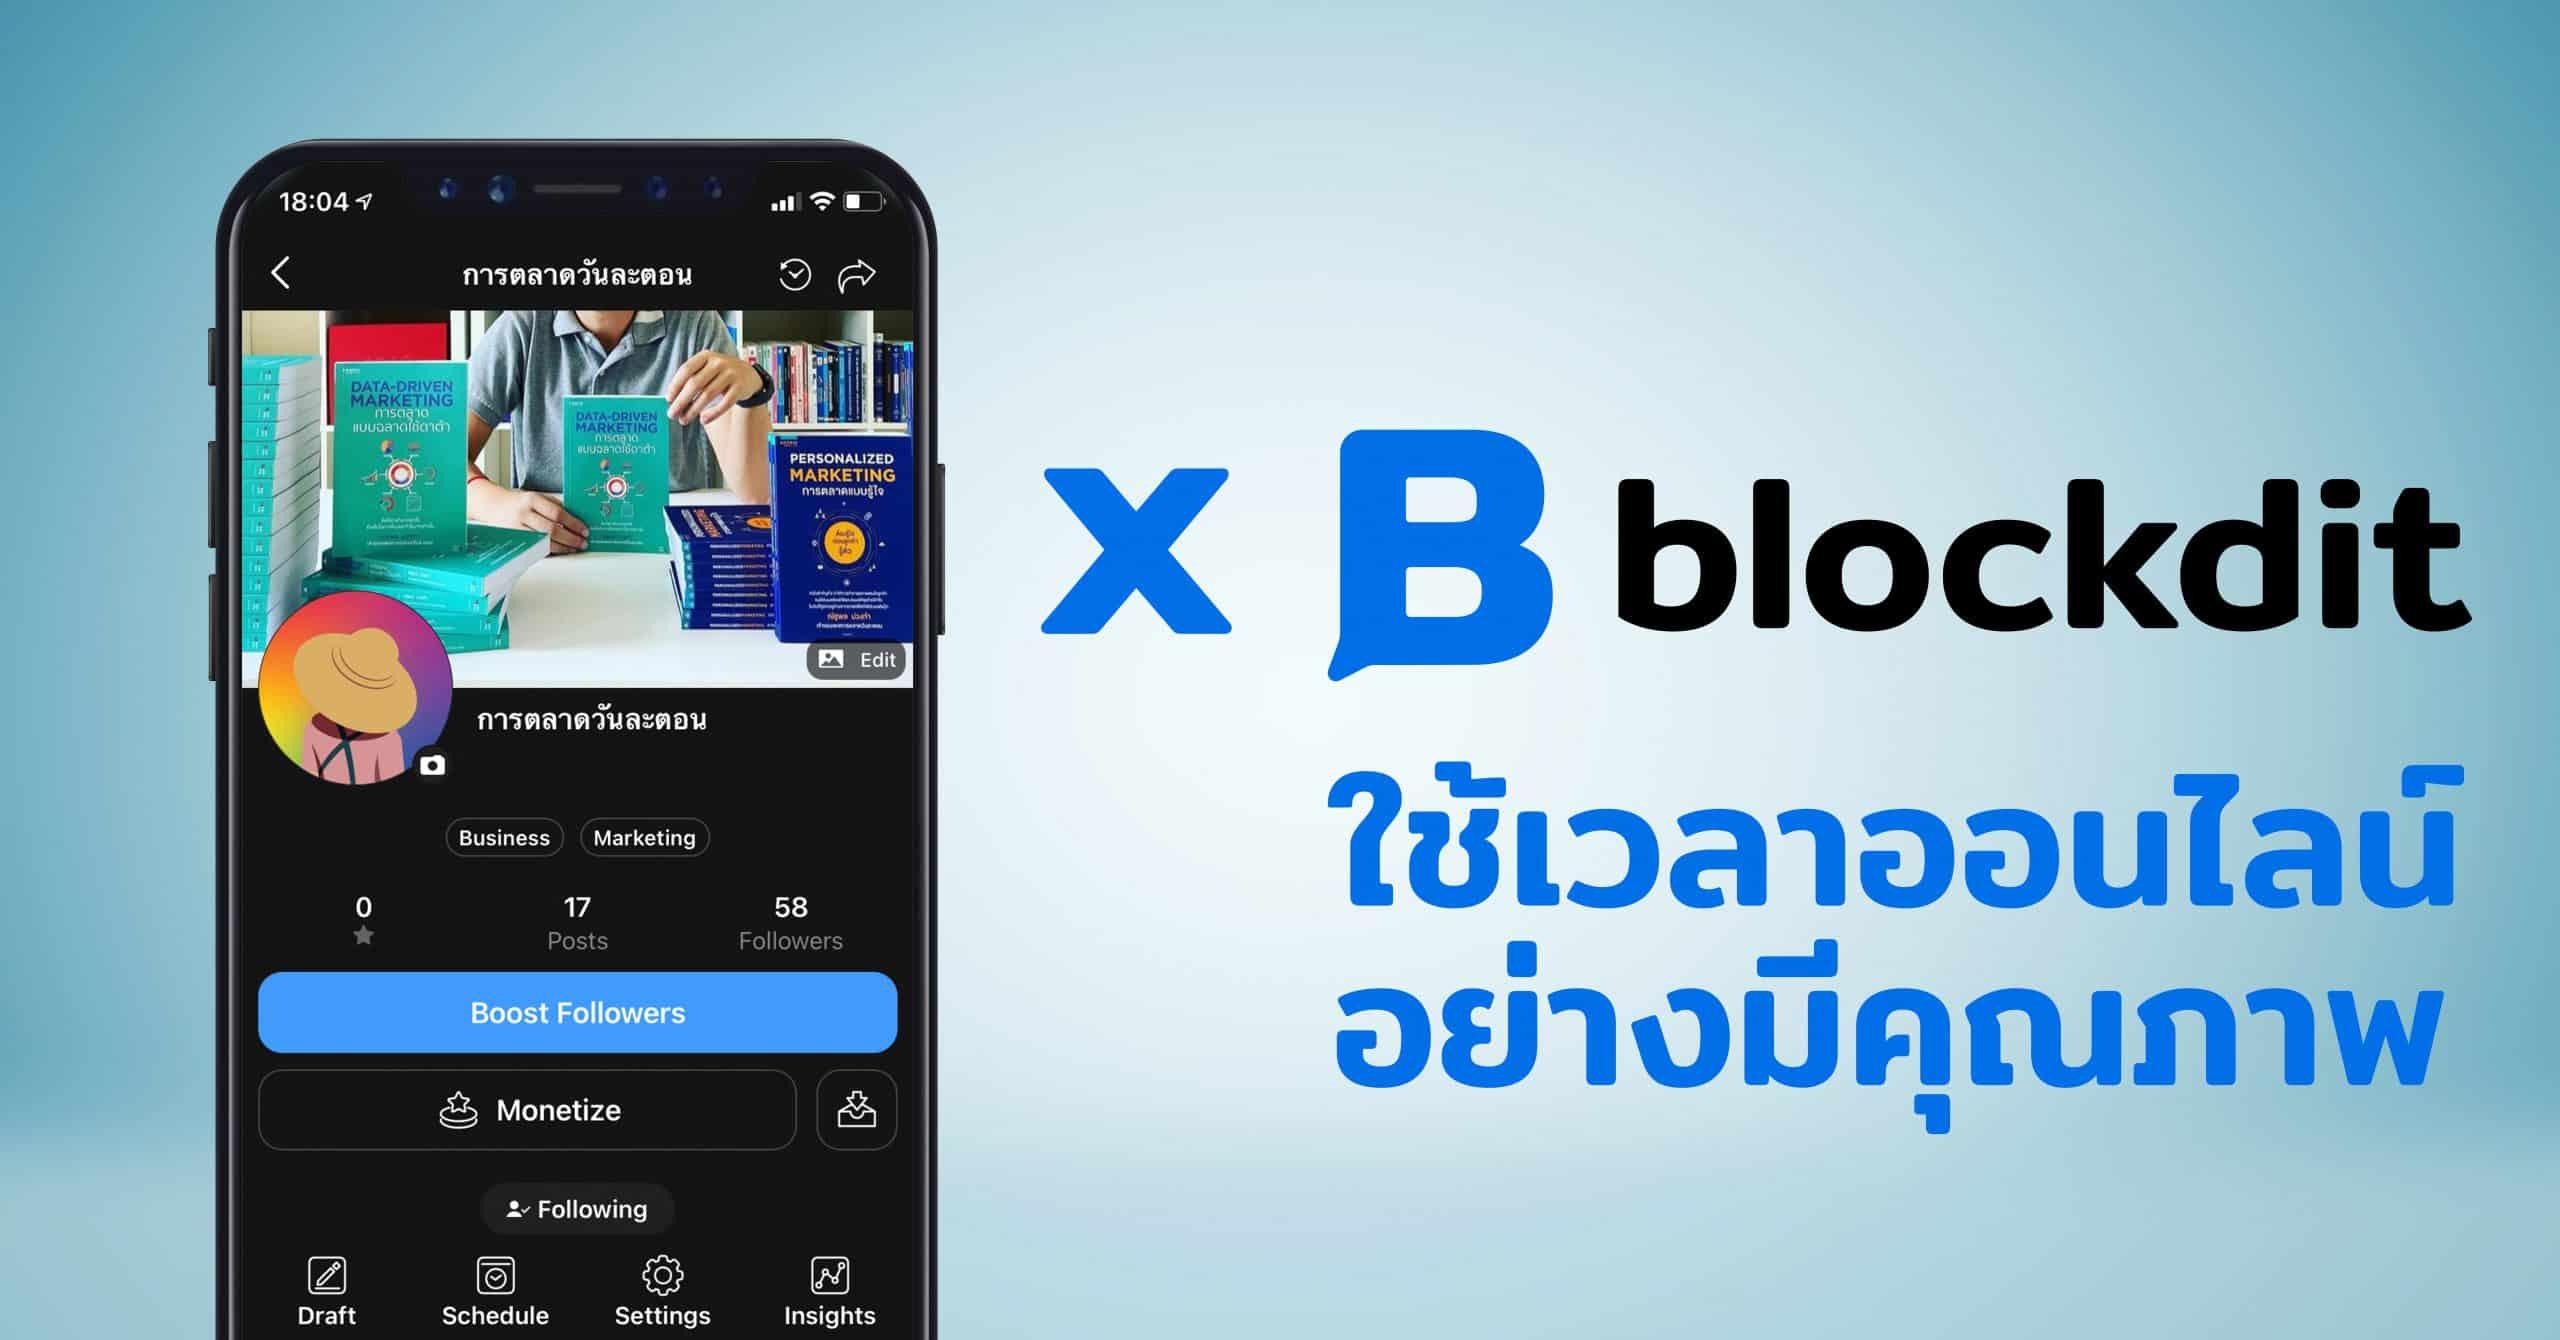 Blockdit แพลตฟอร์มคุณภาพสำหรับคนที่ต้องการใช้เวลาออนไลน์อย่างมีคุณภาพ